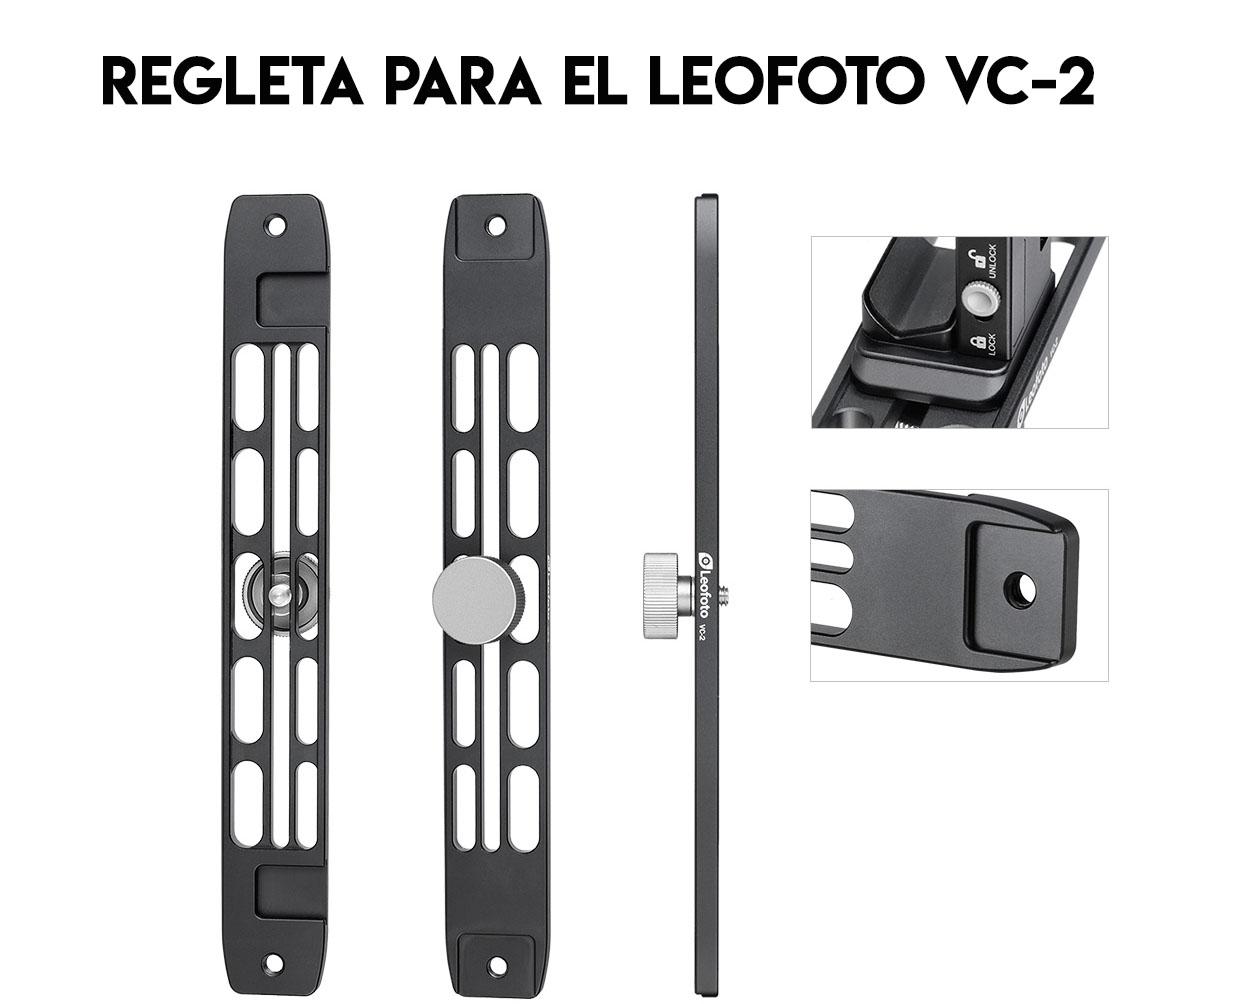 Leofoto VC-2 doble empuñadura y regleta dedicada para grabacion con smartphone